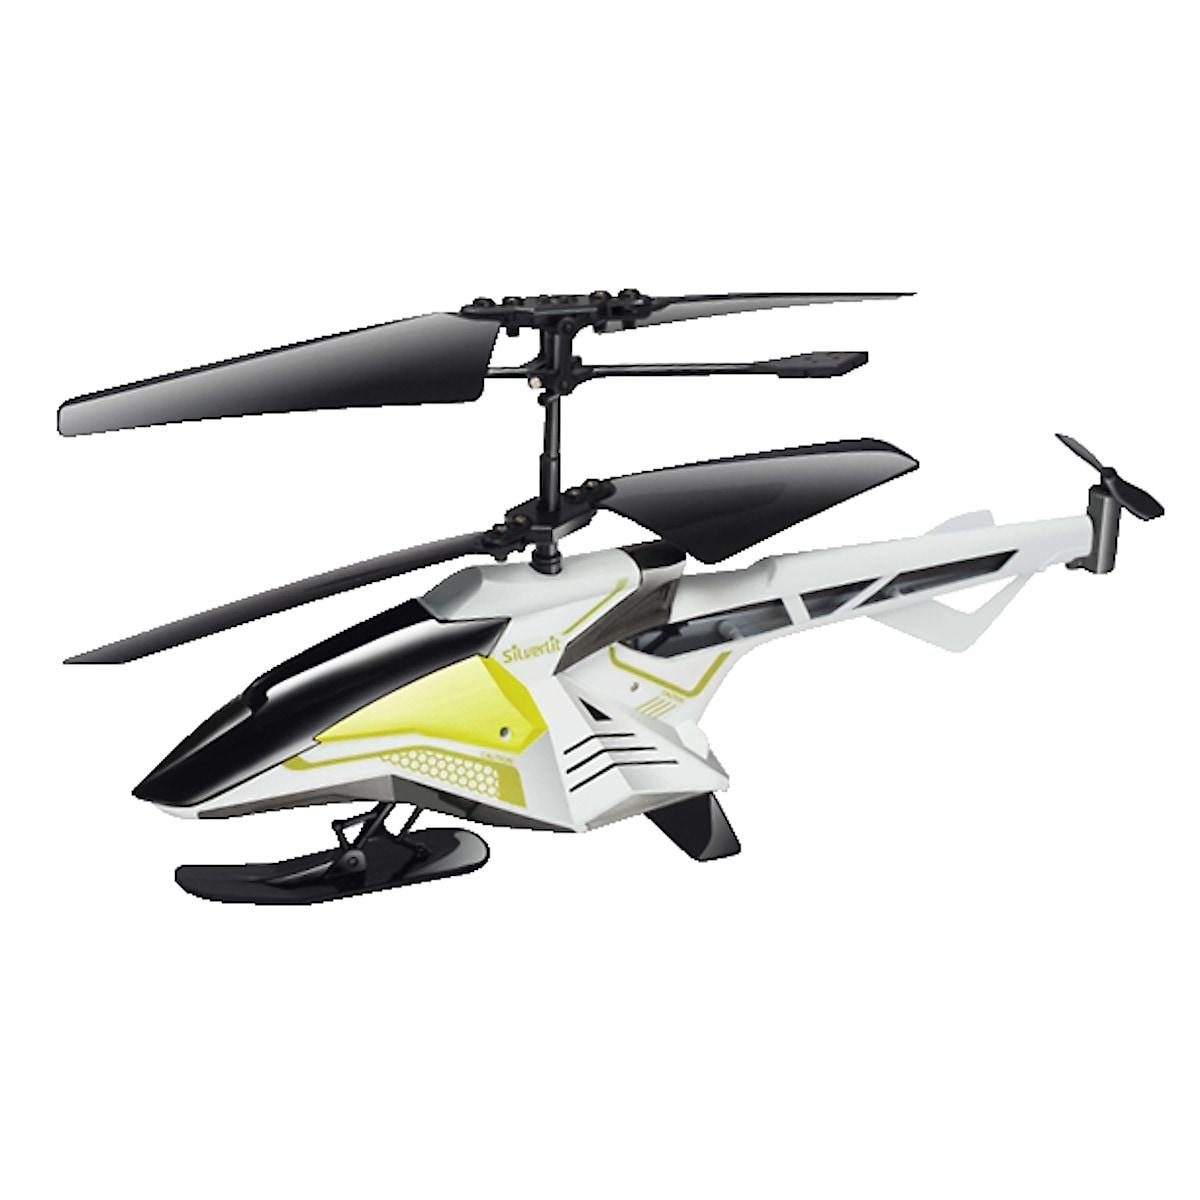 IR-styrd helikopter Silverlit MI Hover